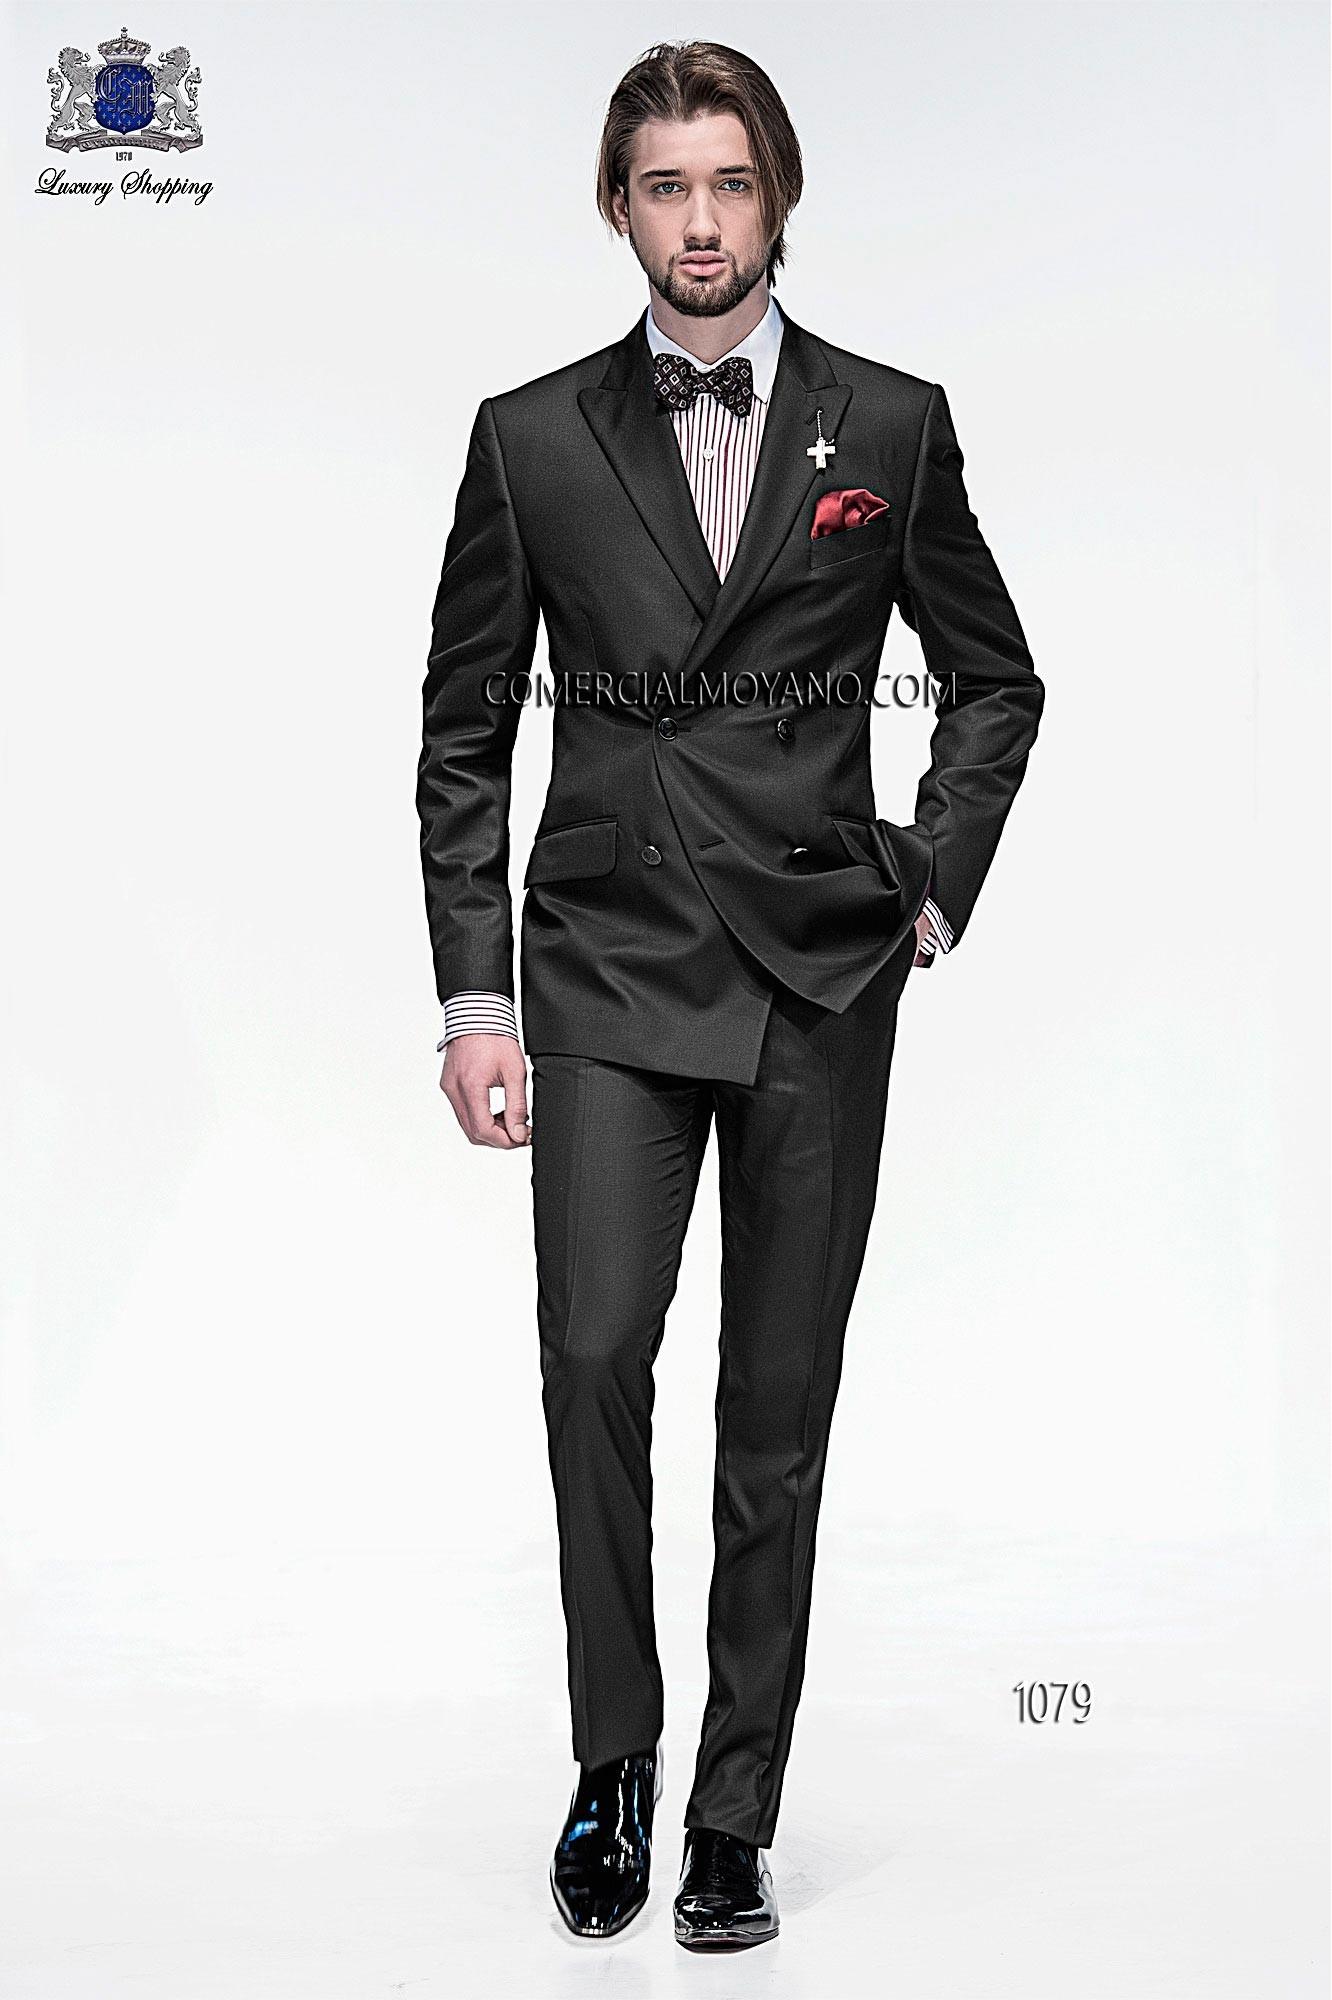 italienisch ma geschneiderten schwarzen anzug mode stil 1079 ottavio nuccio gala. Black Bedroom Furniture Sets. Home Design Ideas